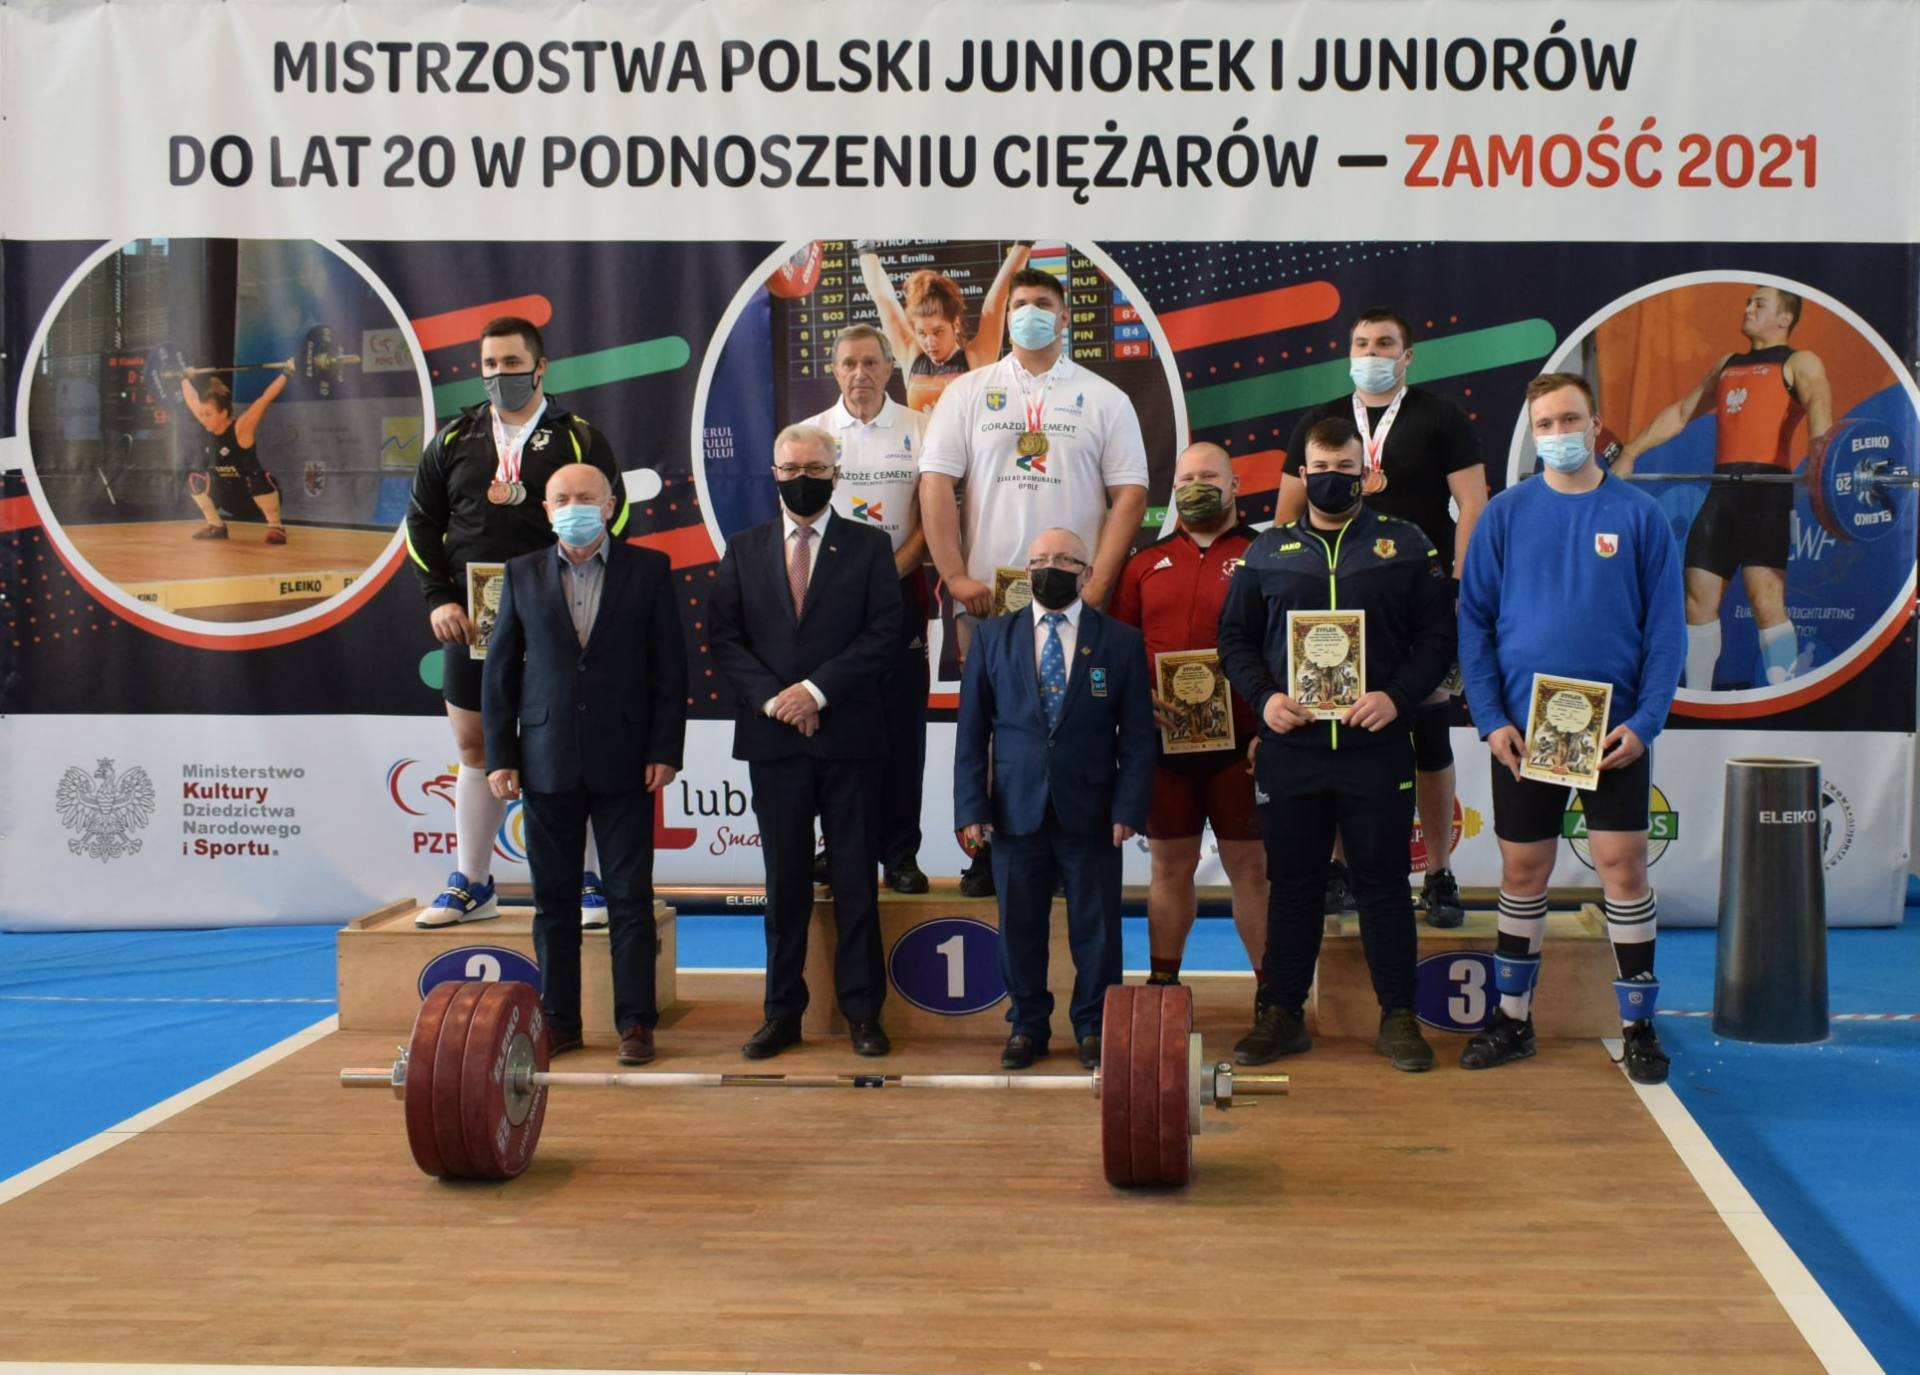 178437027 615354389865921 7162352937631902124 n ZAMOŚĆ: Za nami Mistrzostwa Polski Juniorek i Juniorów do lat 20 w podnoszeniu ciężarów